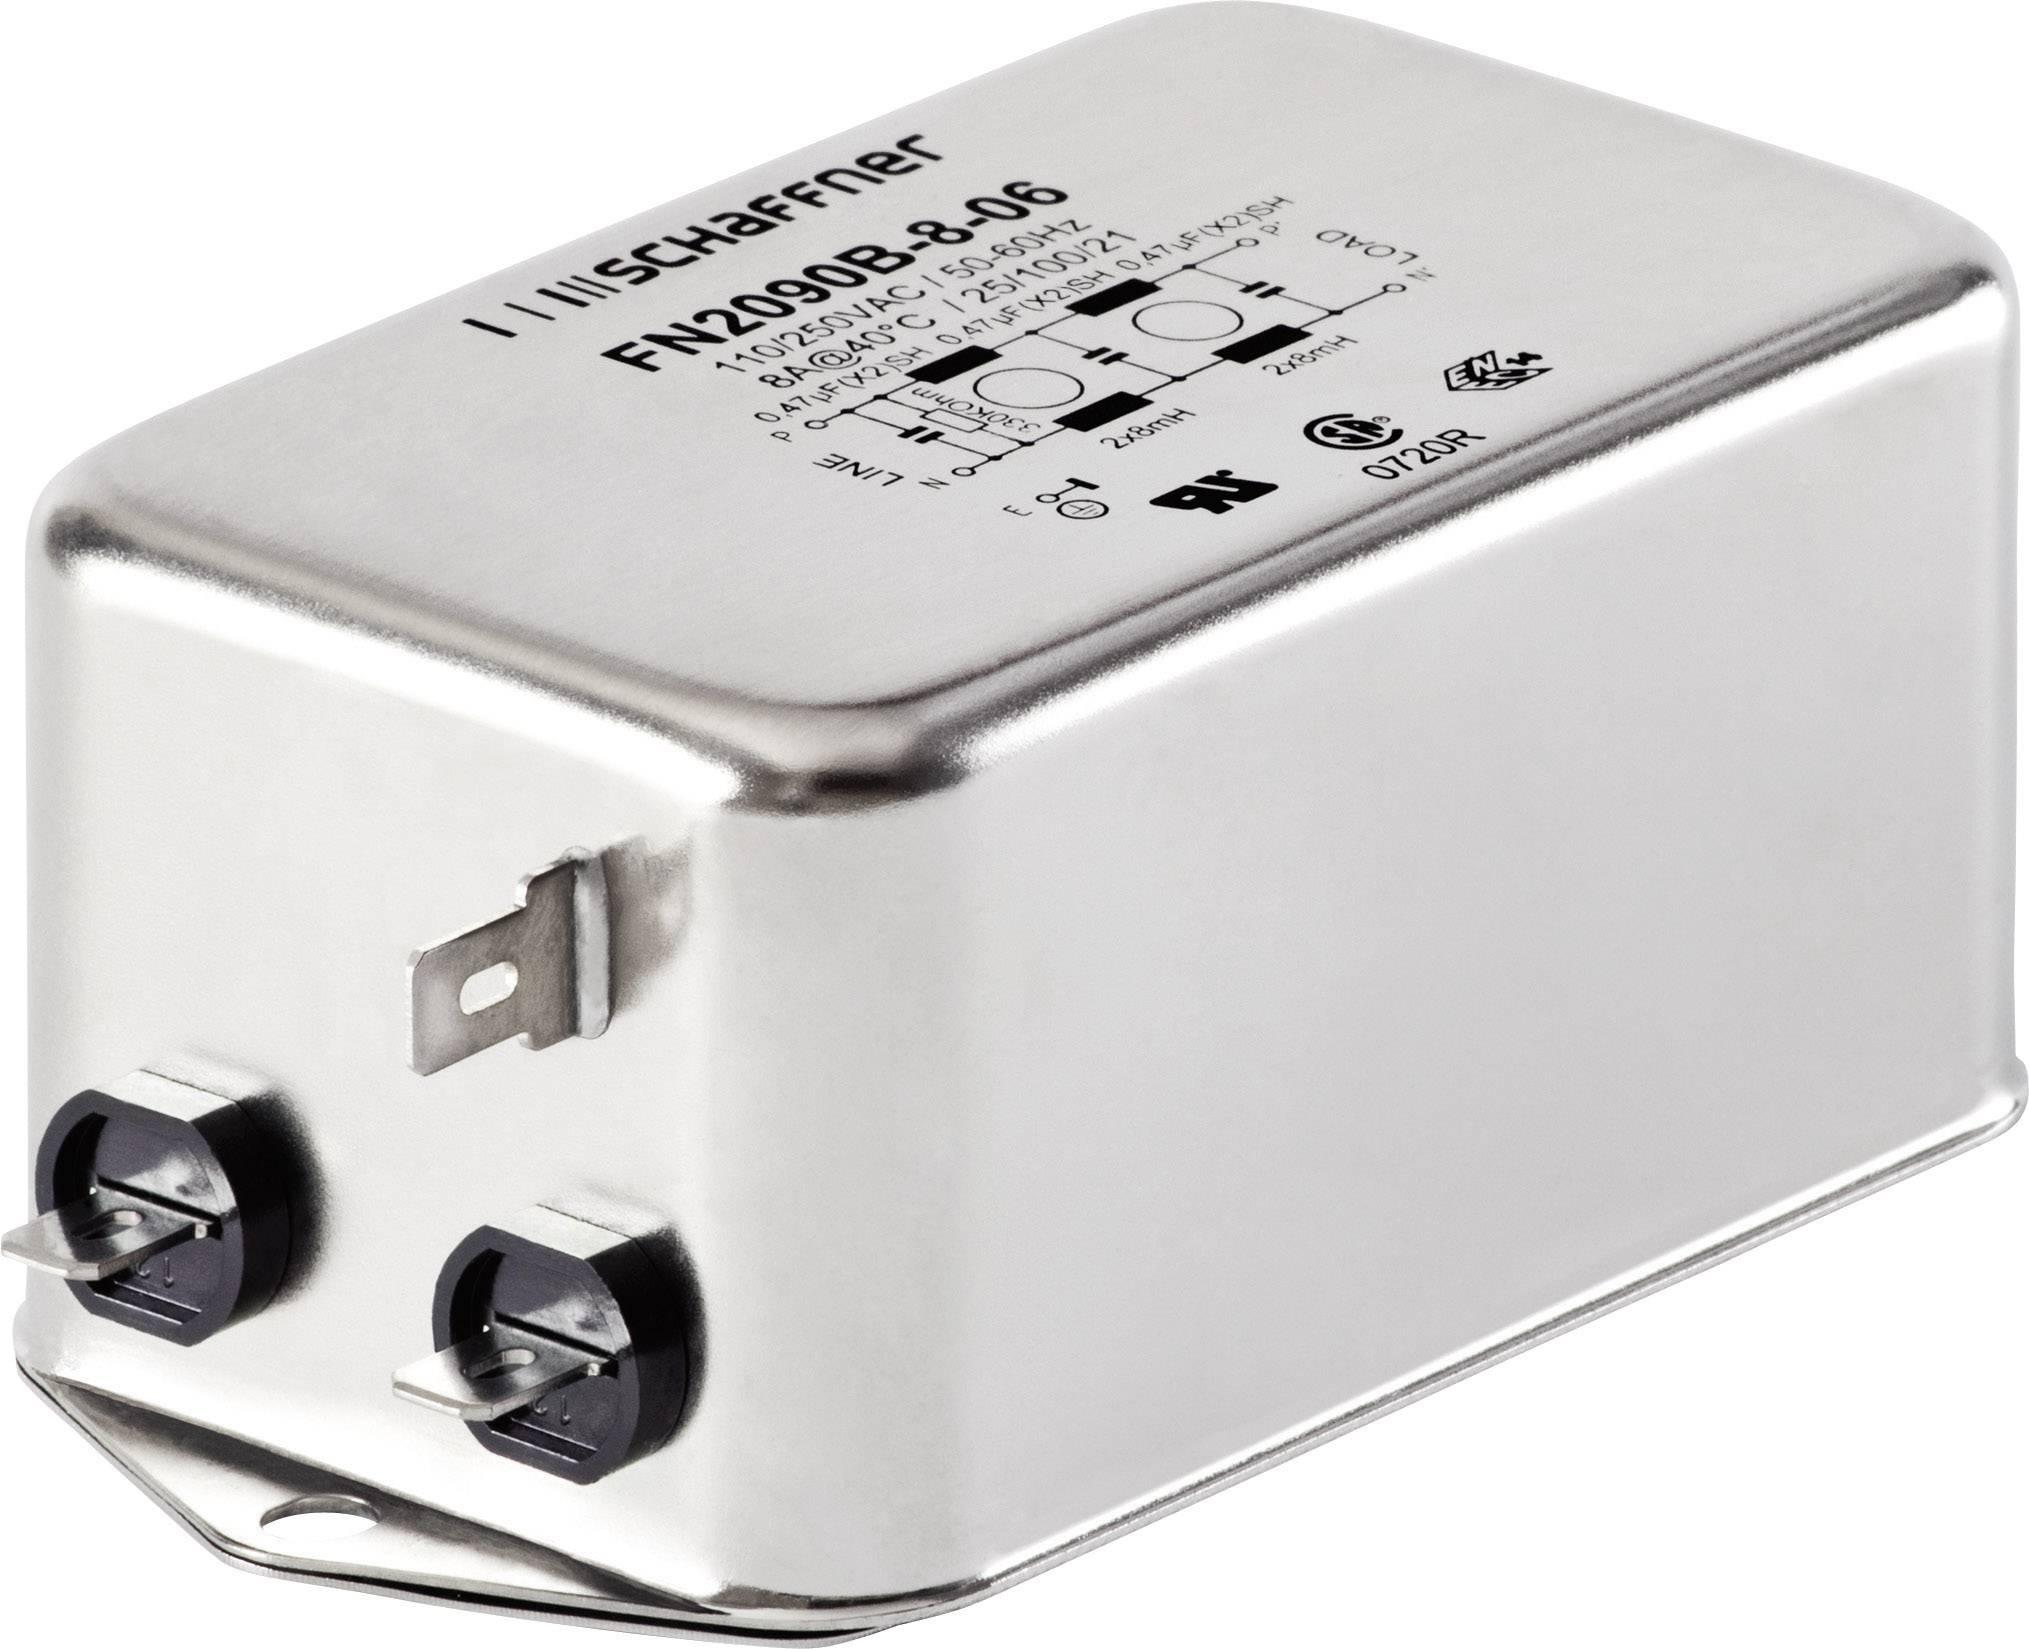 Odrušovací filter Schaffner FN2090-3-06 FN2090-3-06, 250 V/AC, 3 A, 14 mH, (d x š x v) 85 x 54 x 30.3 mm, 1 ks